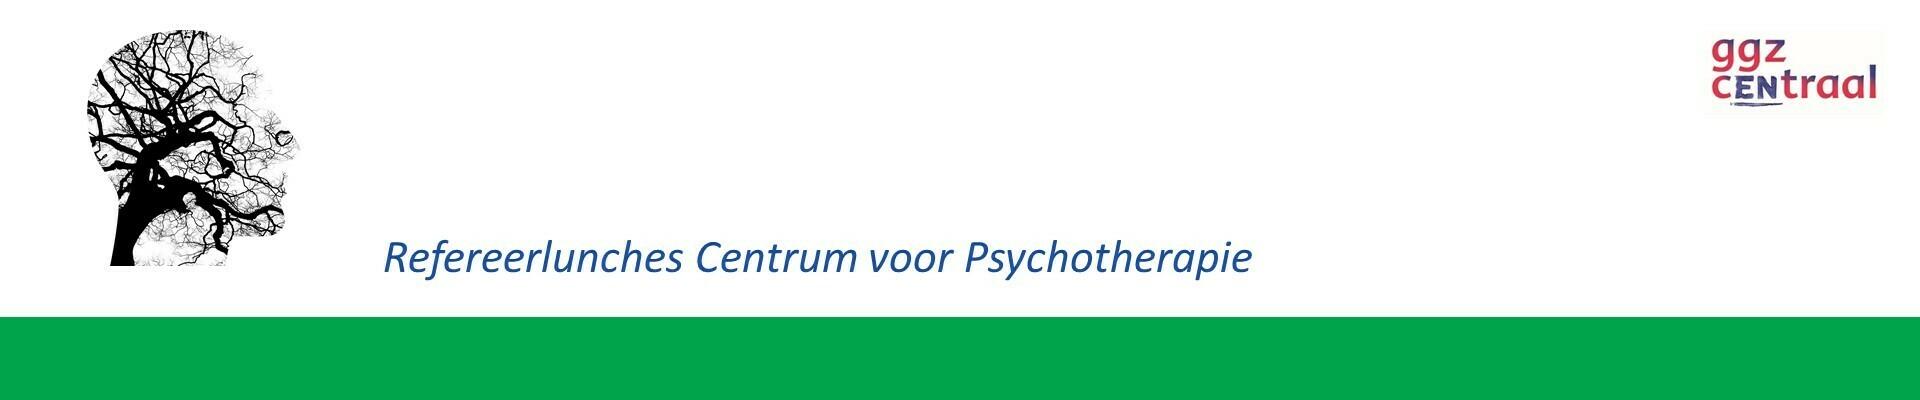 Refereerlunch Centrum voor Psychotherapie 10 november